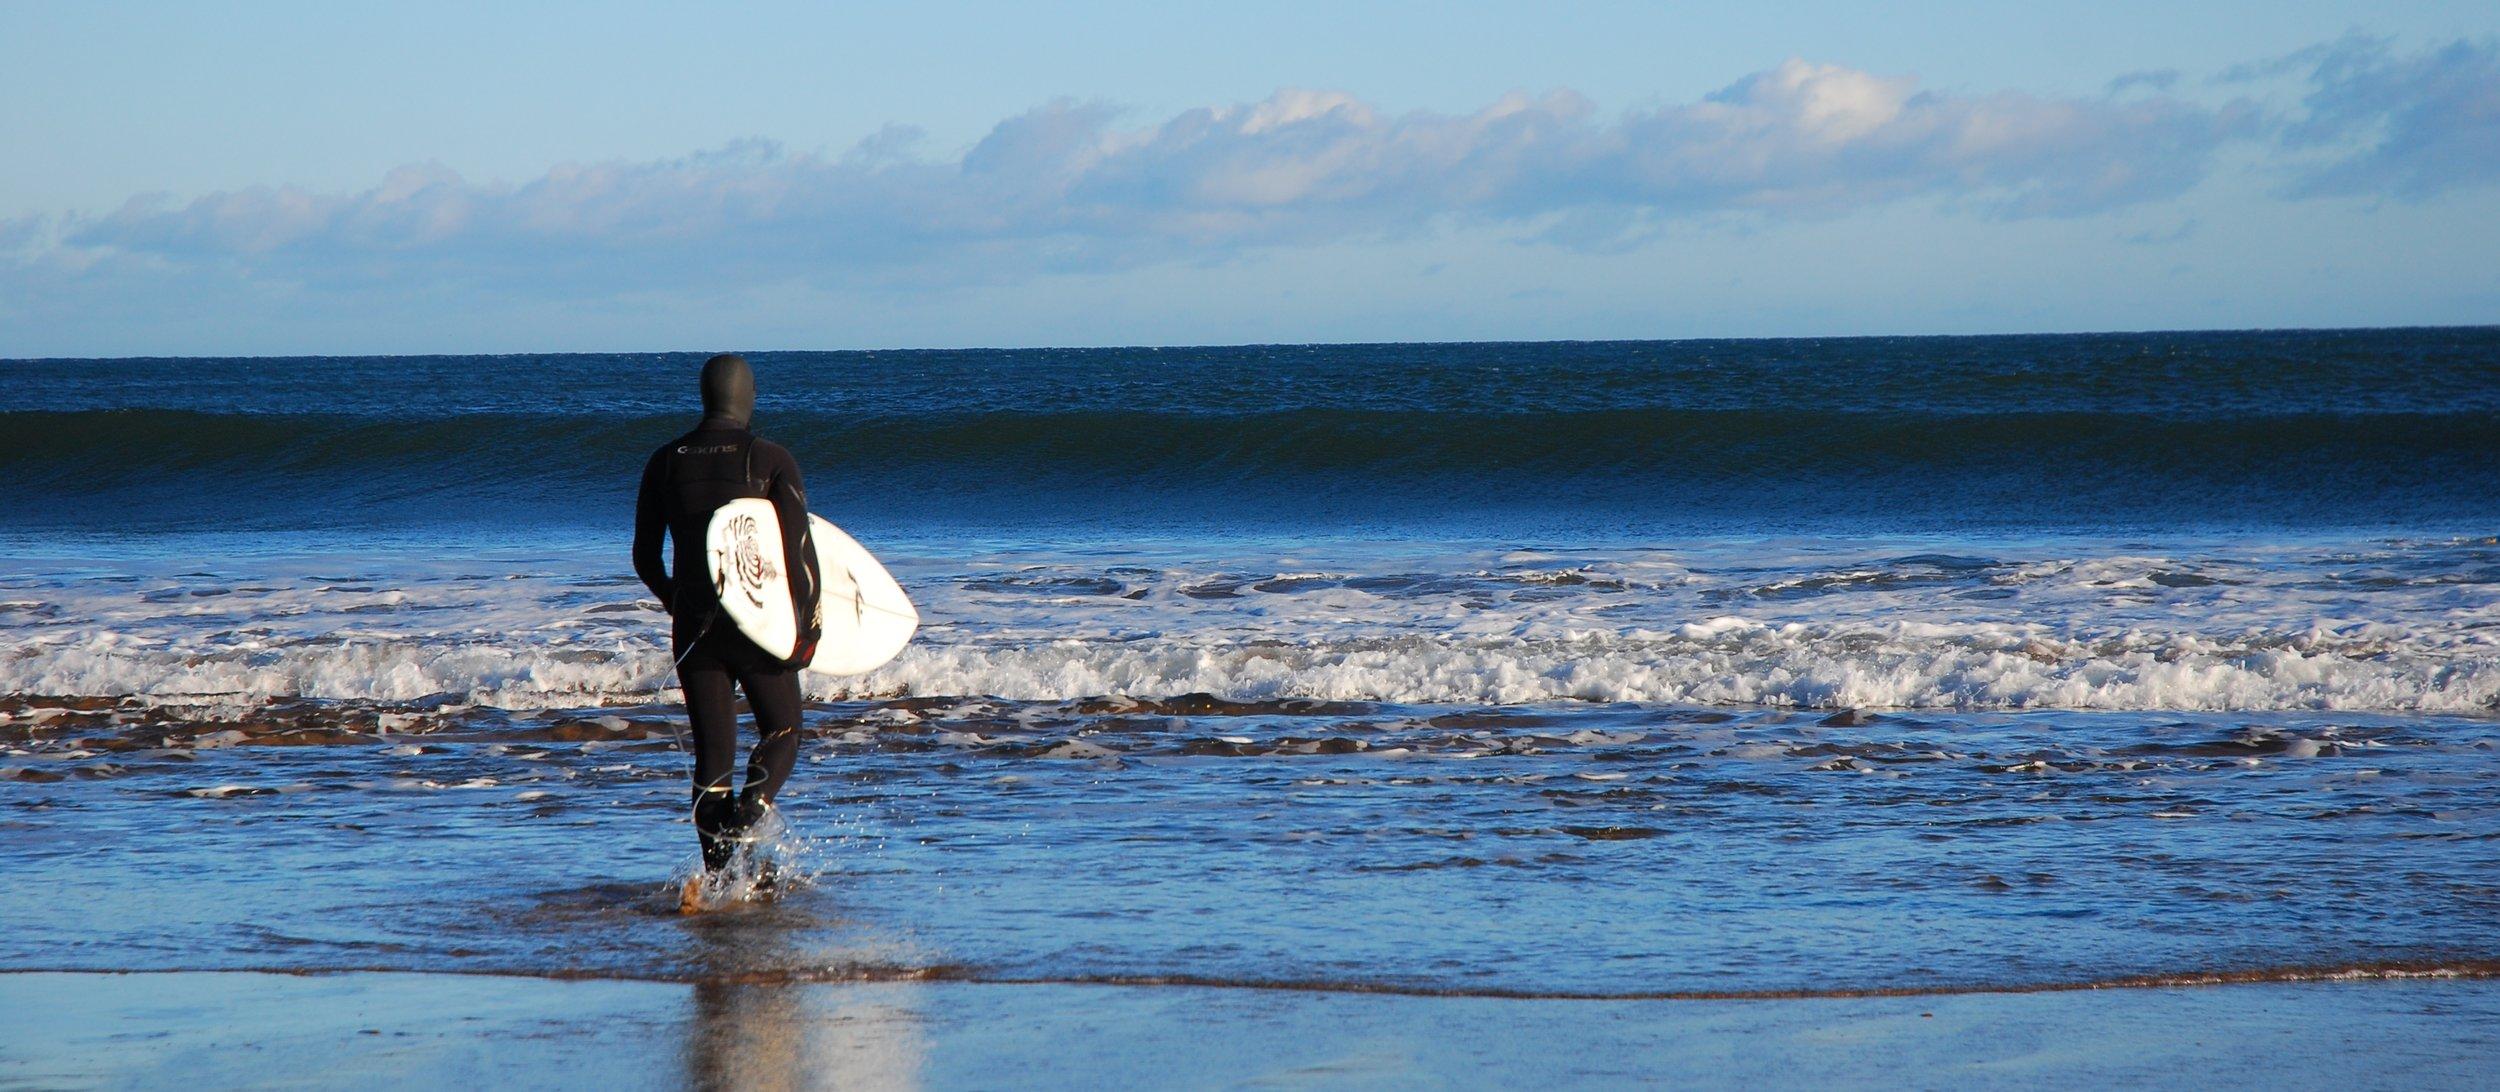 Surfer, Coldingham Bay